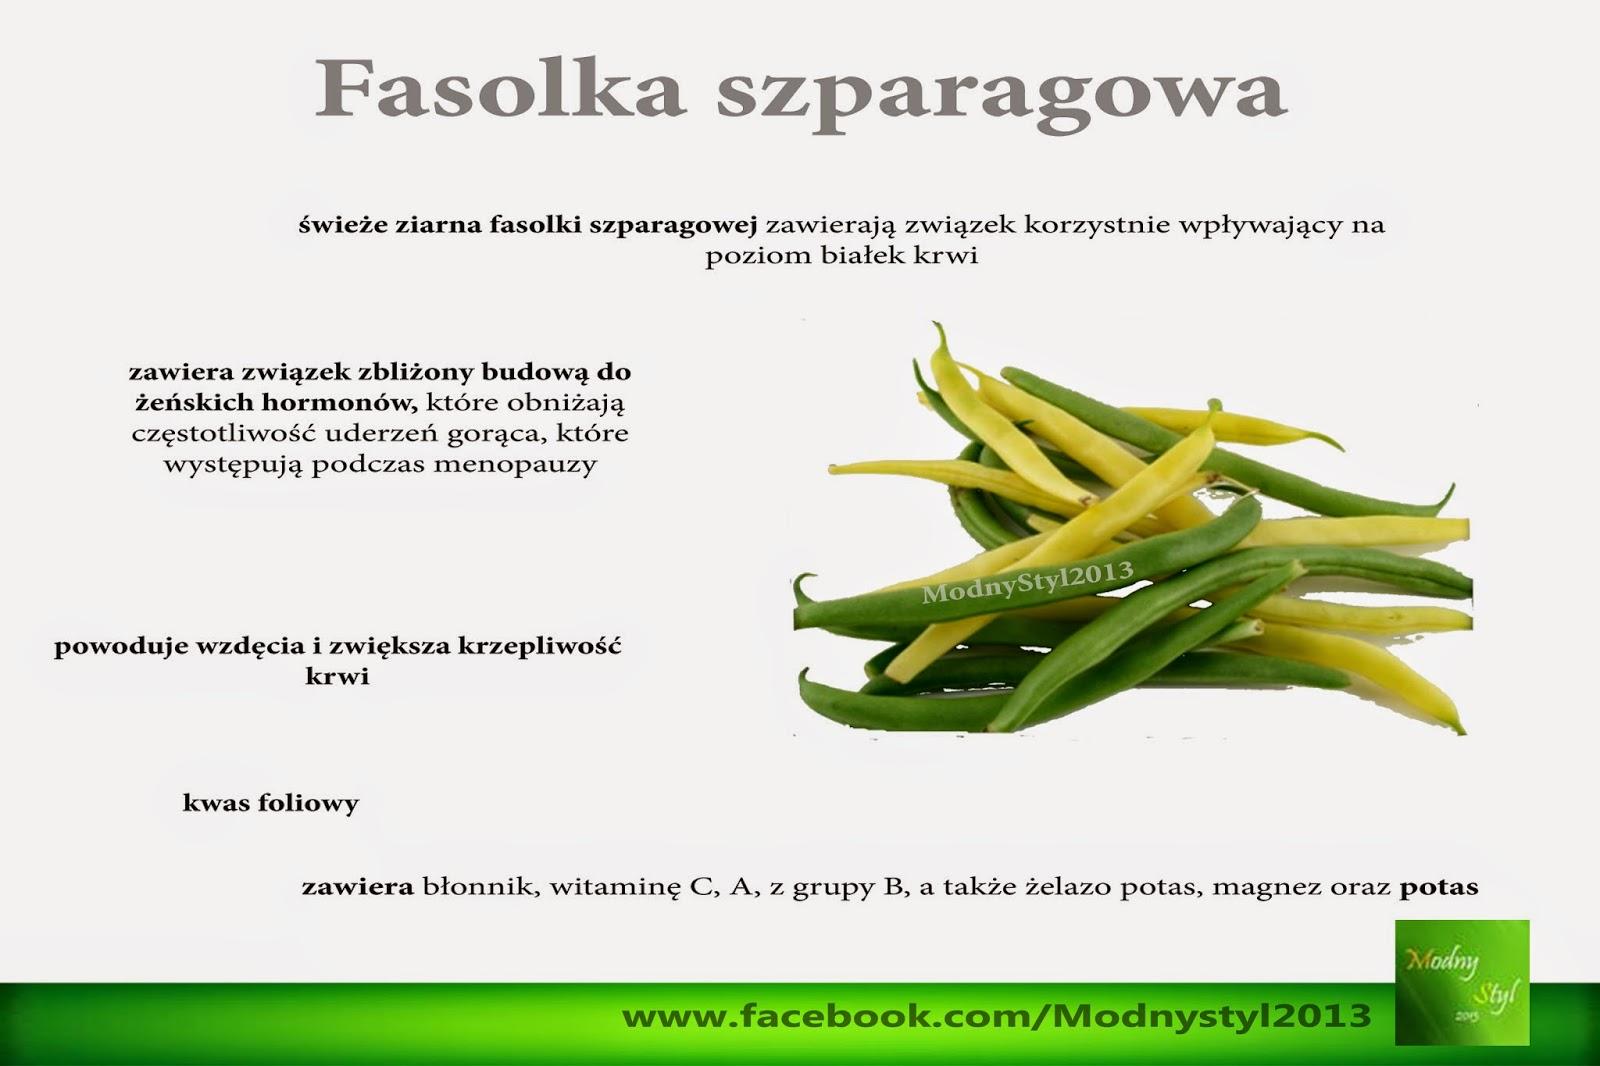 Cenne źródło kwasu foliowego - Fasolka szparagowa